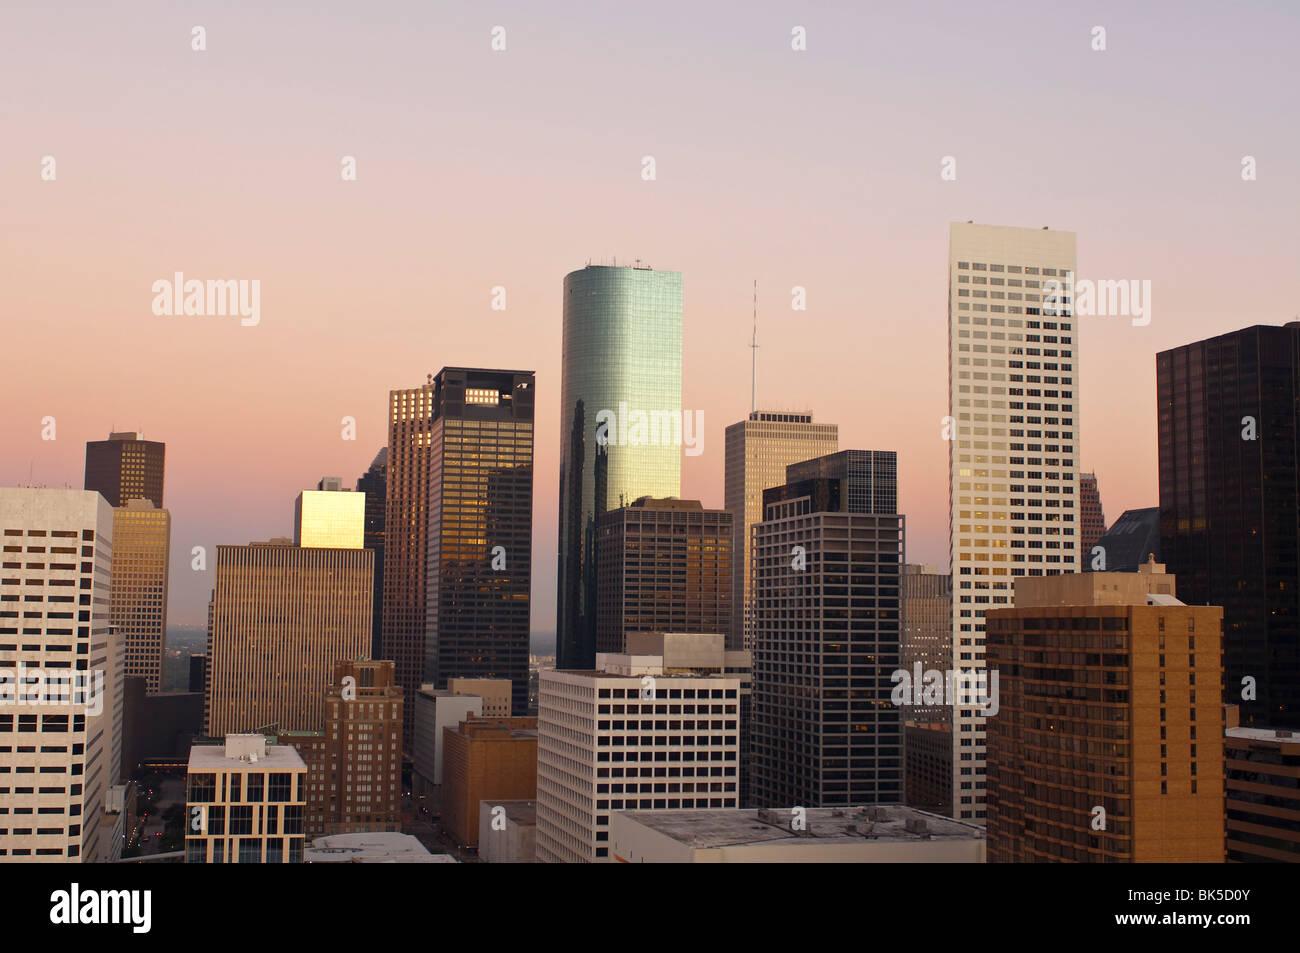 Skyline von Houston, Texas, Vereinigte Staaten von Amerika, Nordamerika Stockbild